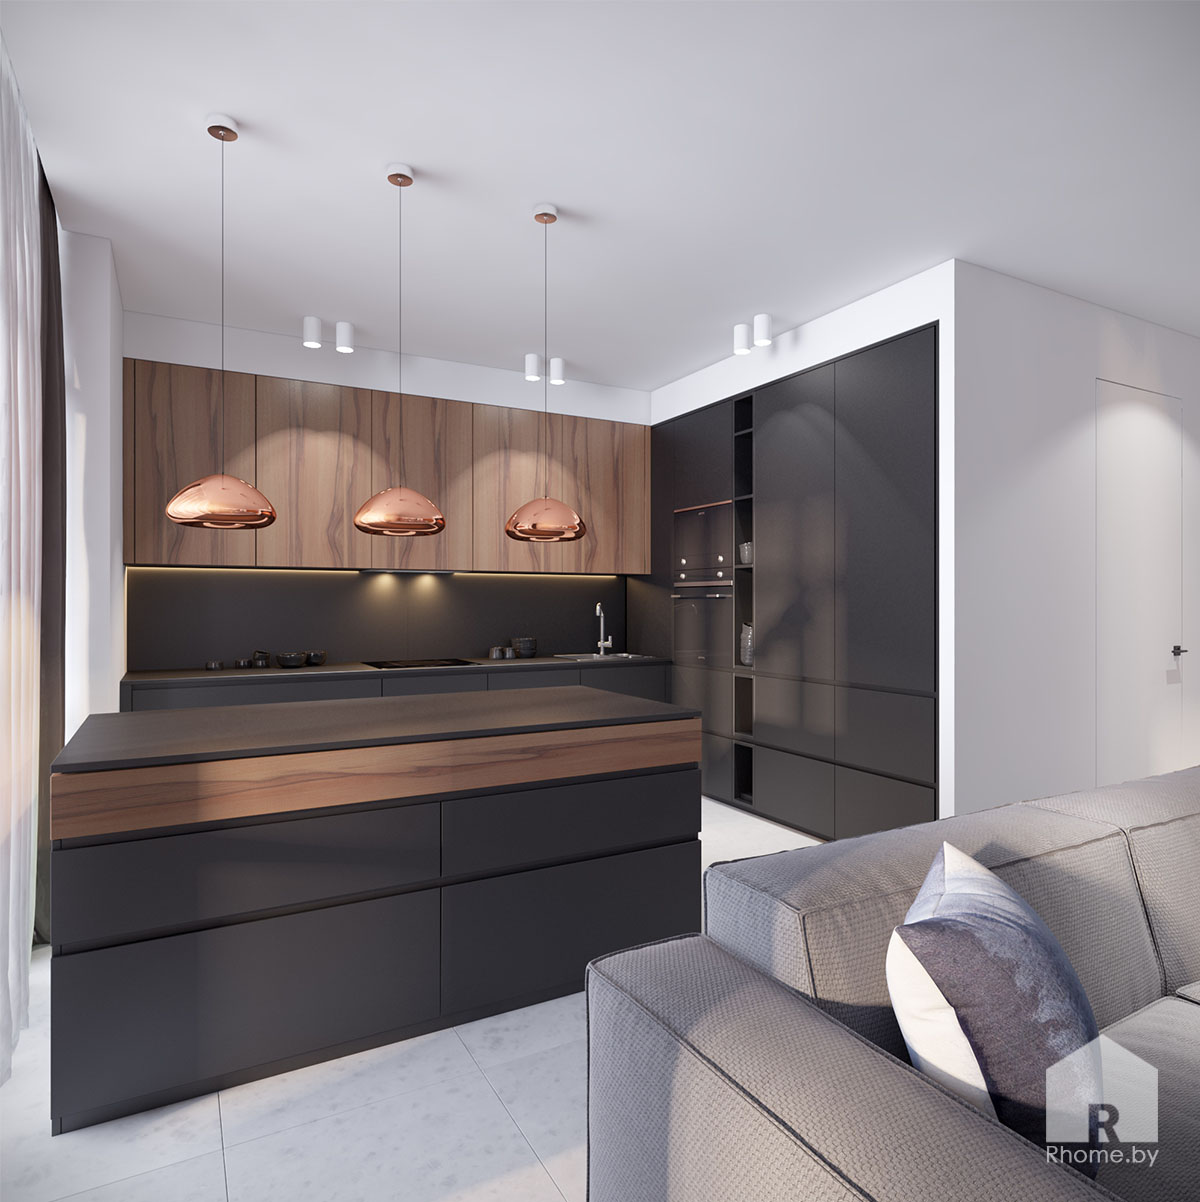 Дизайн интерьера кухни в ЖК «Браславский» | Дизайн студия – Rhome.by